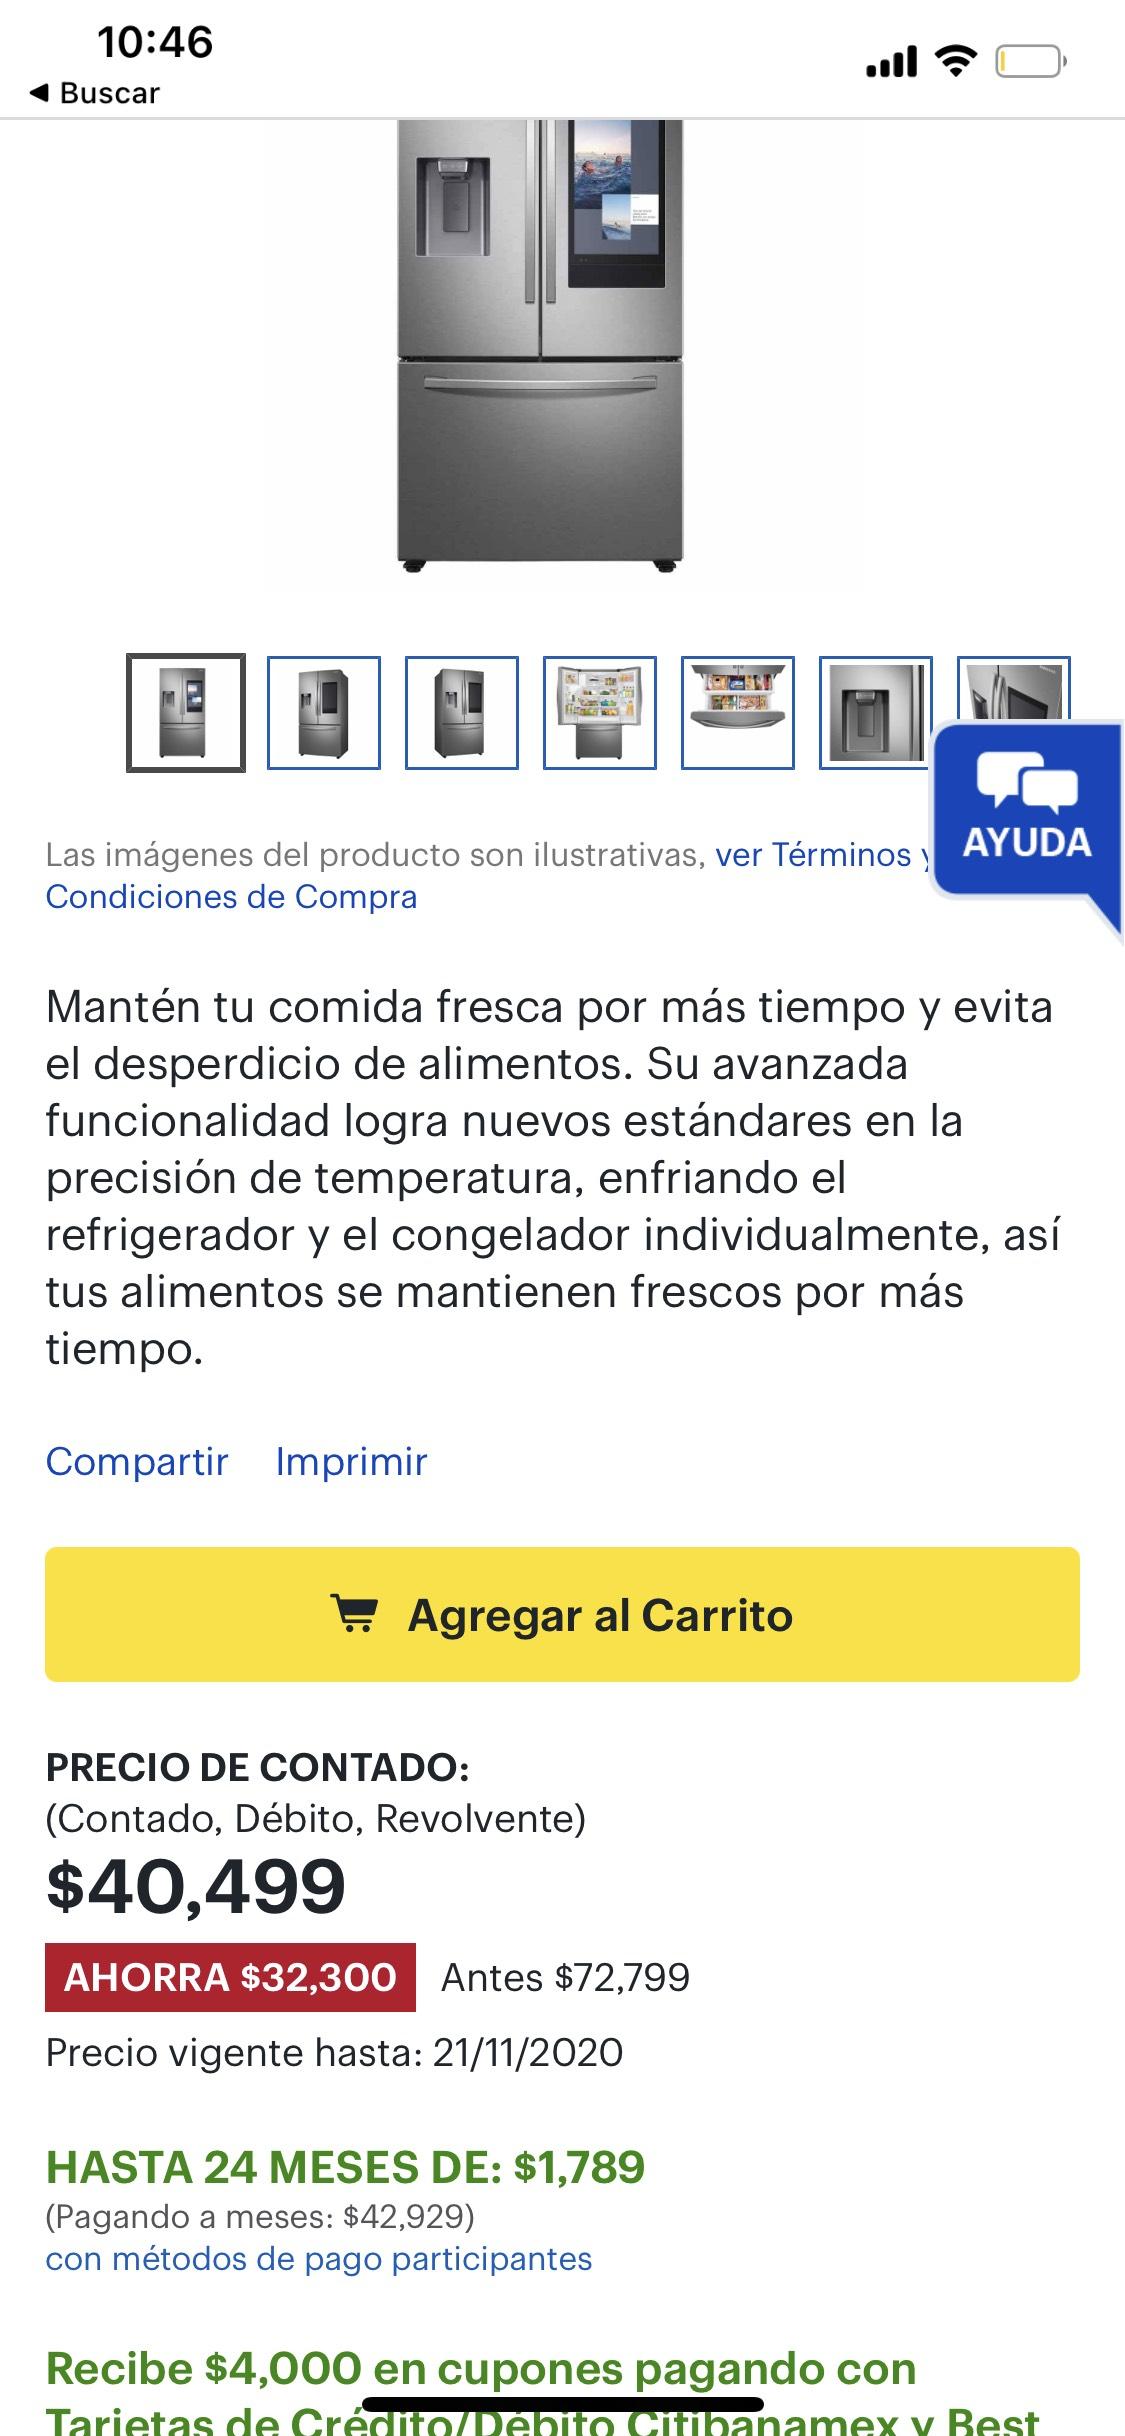 Best Buy: Samsung - Refrigerador de French Door 27 Pies Cúbicos